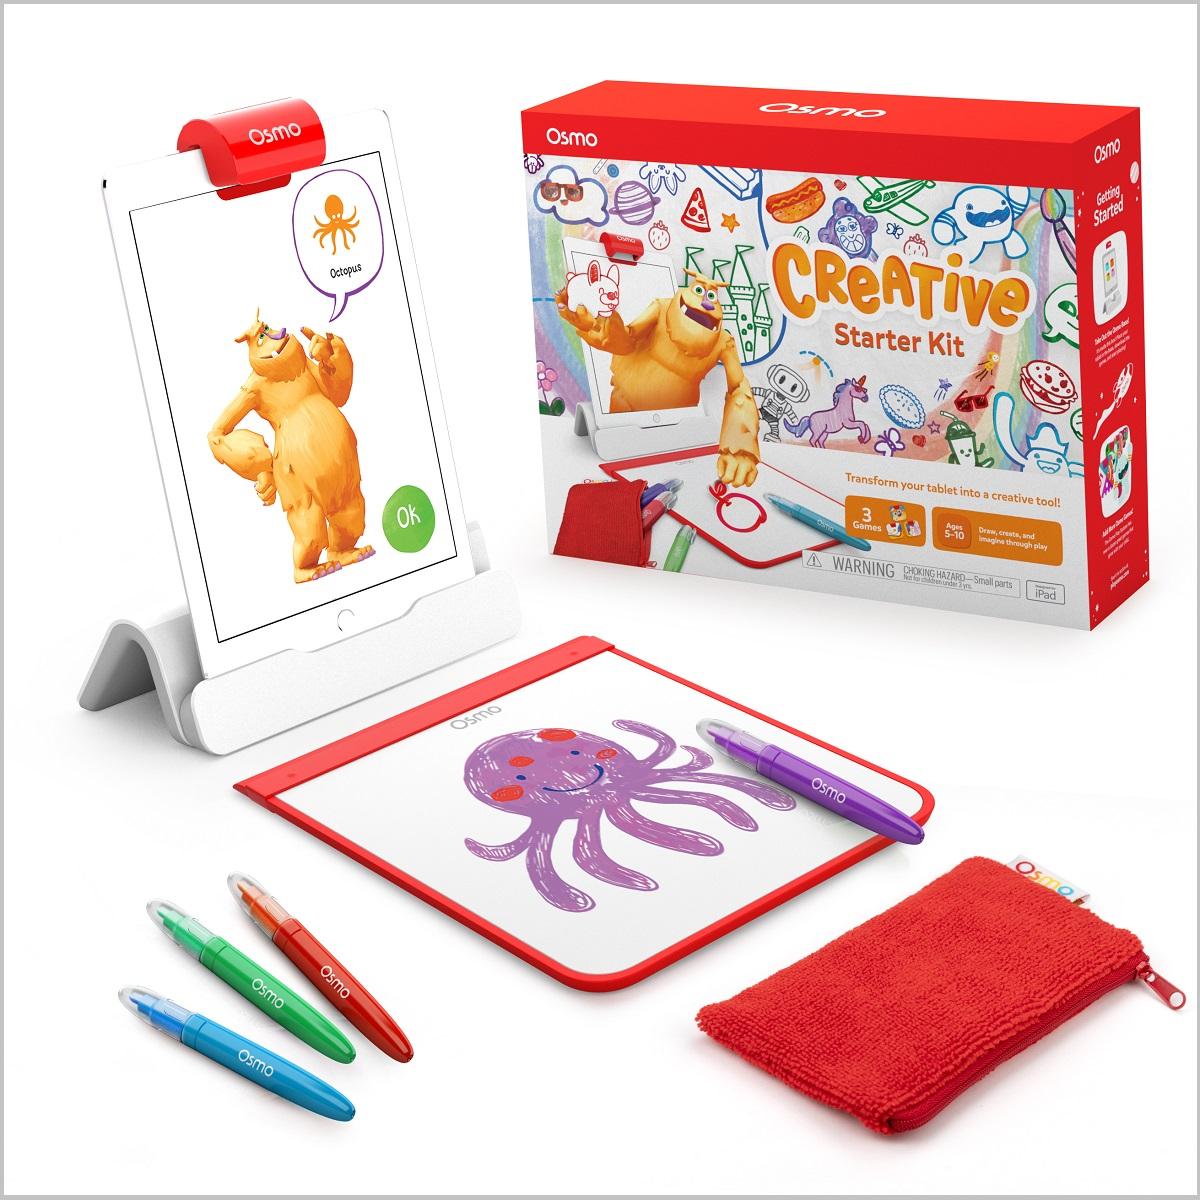 「子どもが育つおもちゃ」としておすすめの「オズモ クリエイティブ スターターキット」